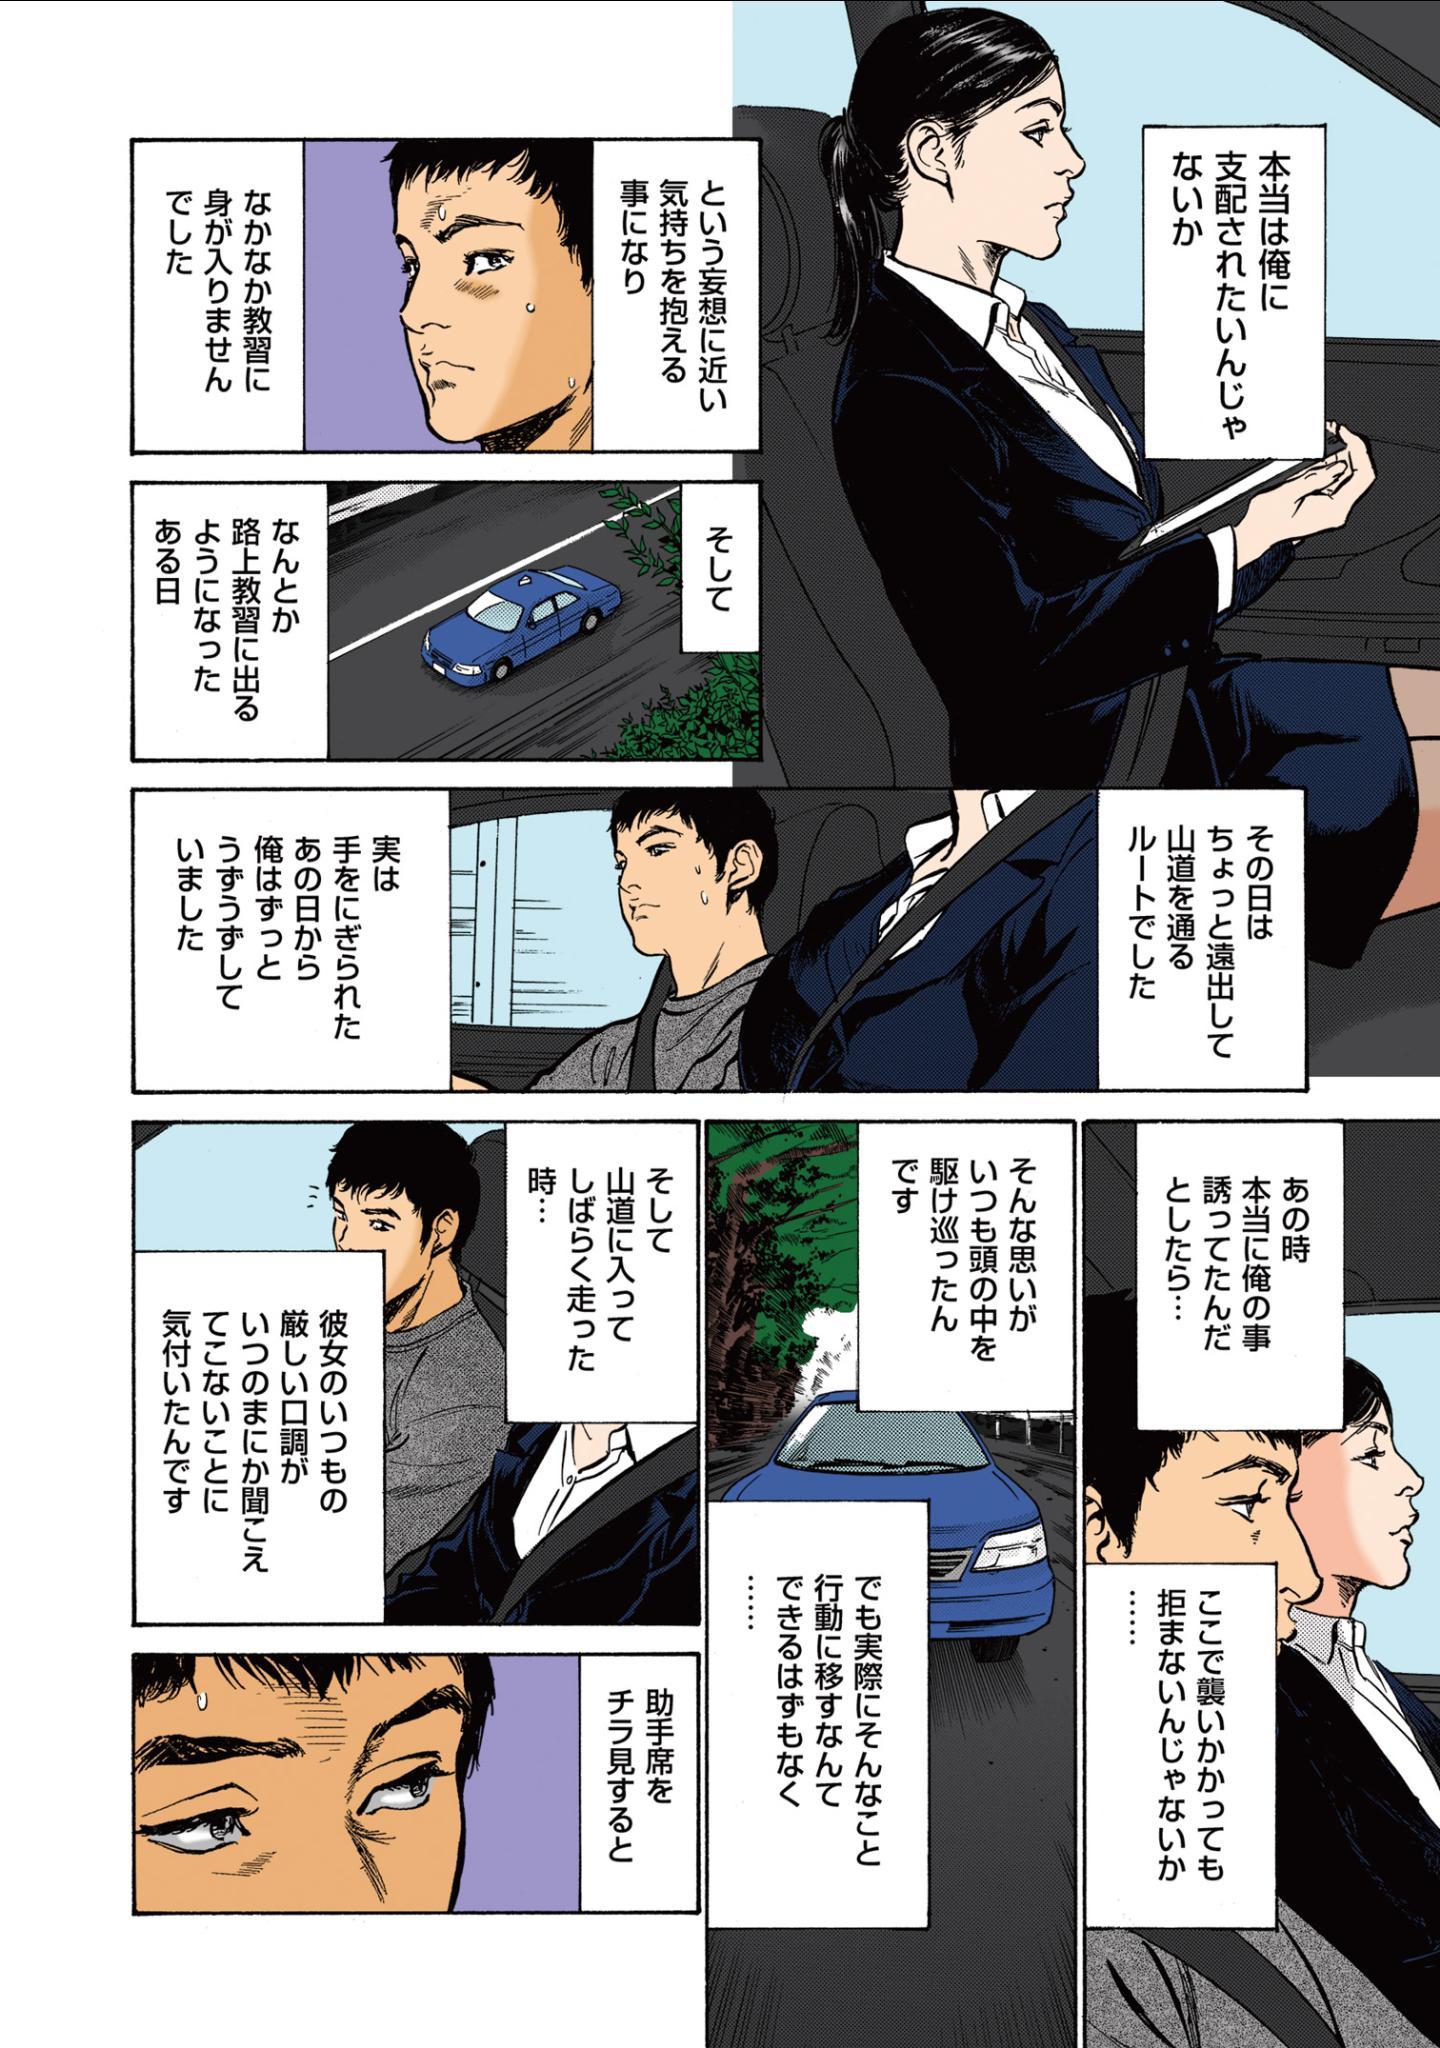 [Hazuki Kaoru] Hazuki Kaoru no Tamaranai Hanashi (Full Color Version) 1-2 9